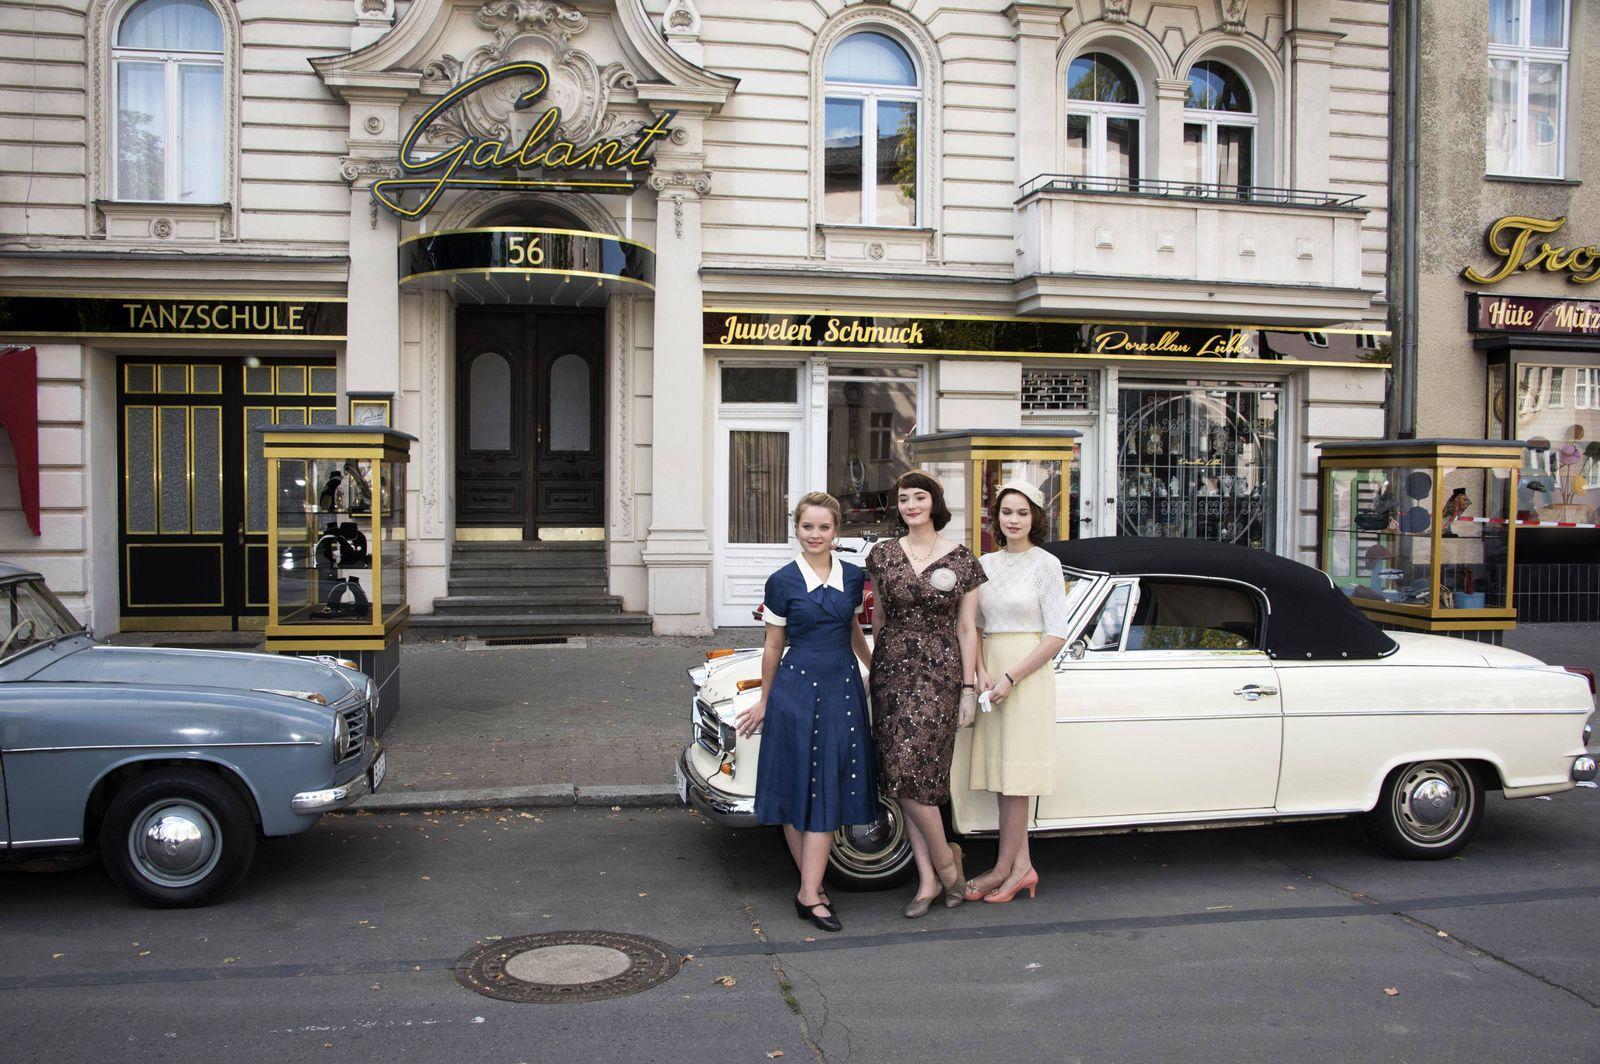 EINMALIGE VERWENDUNG Deutsches Haus/ Annette Hess/ Ku Damm 56/ Filmset